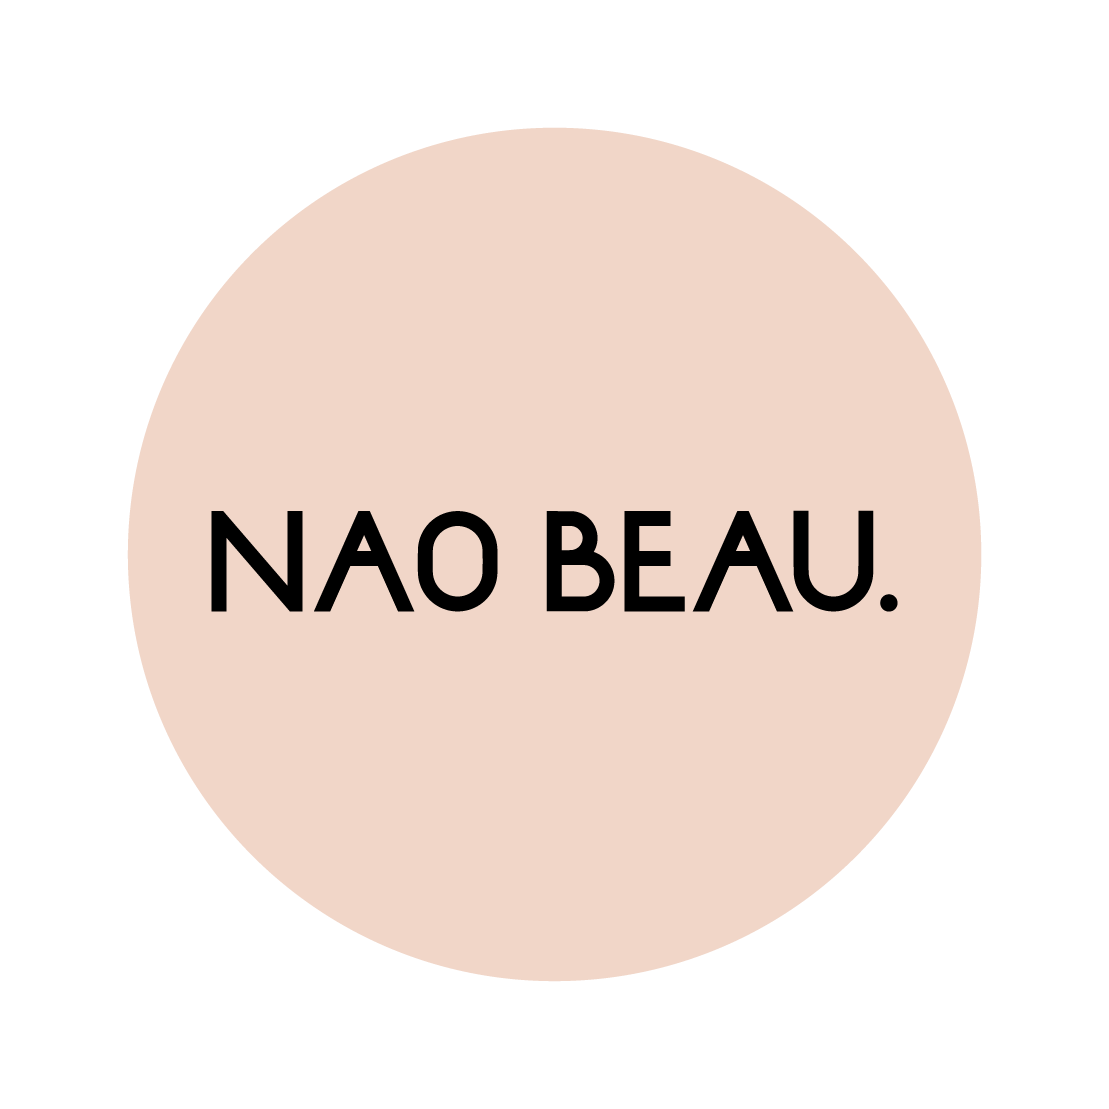 顔タイプ診断と骨格診断、眼鏡アドバイザー NaoBeau | 福岡北九州